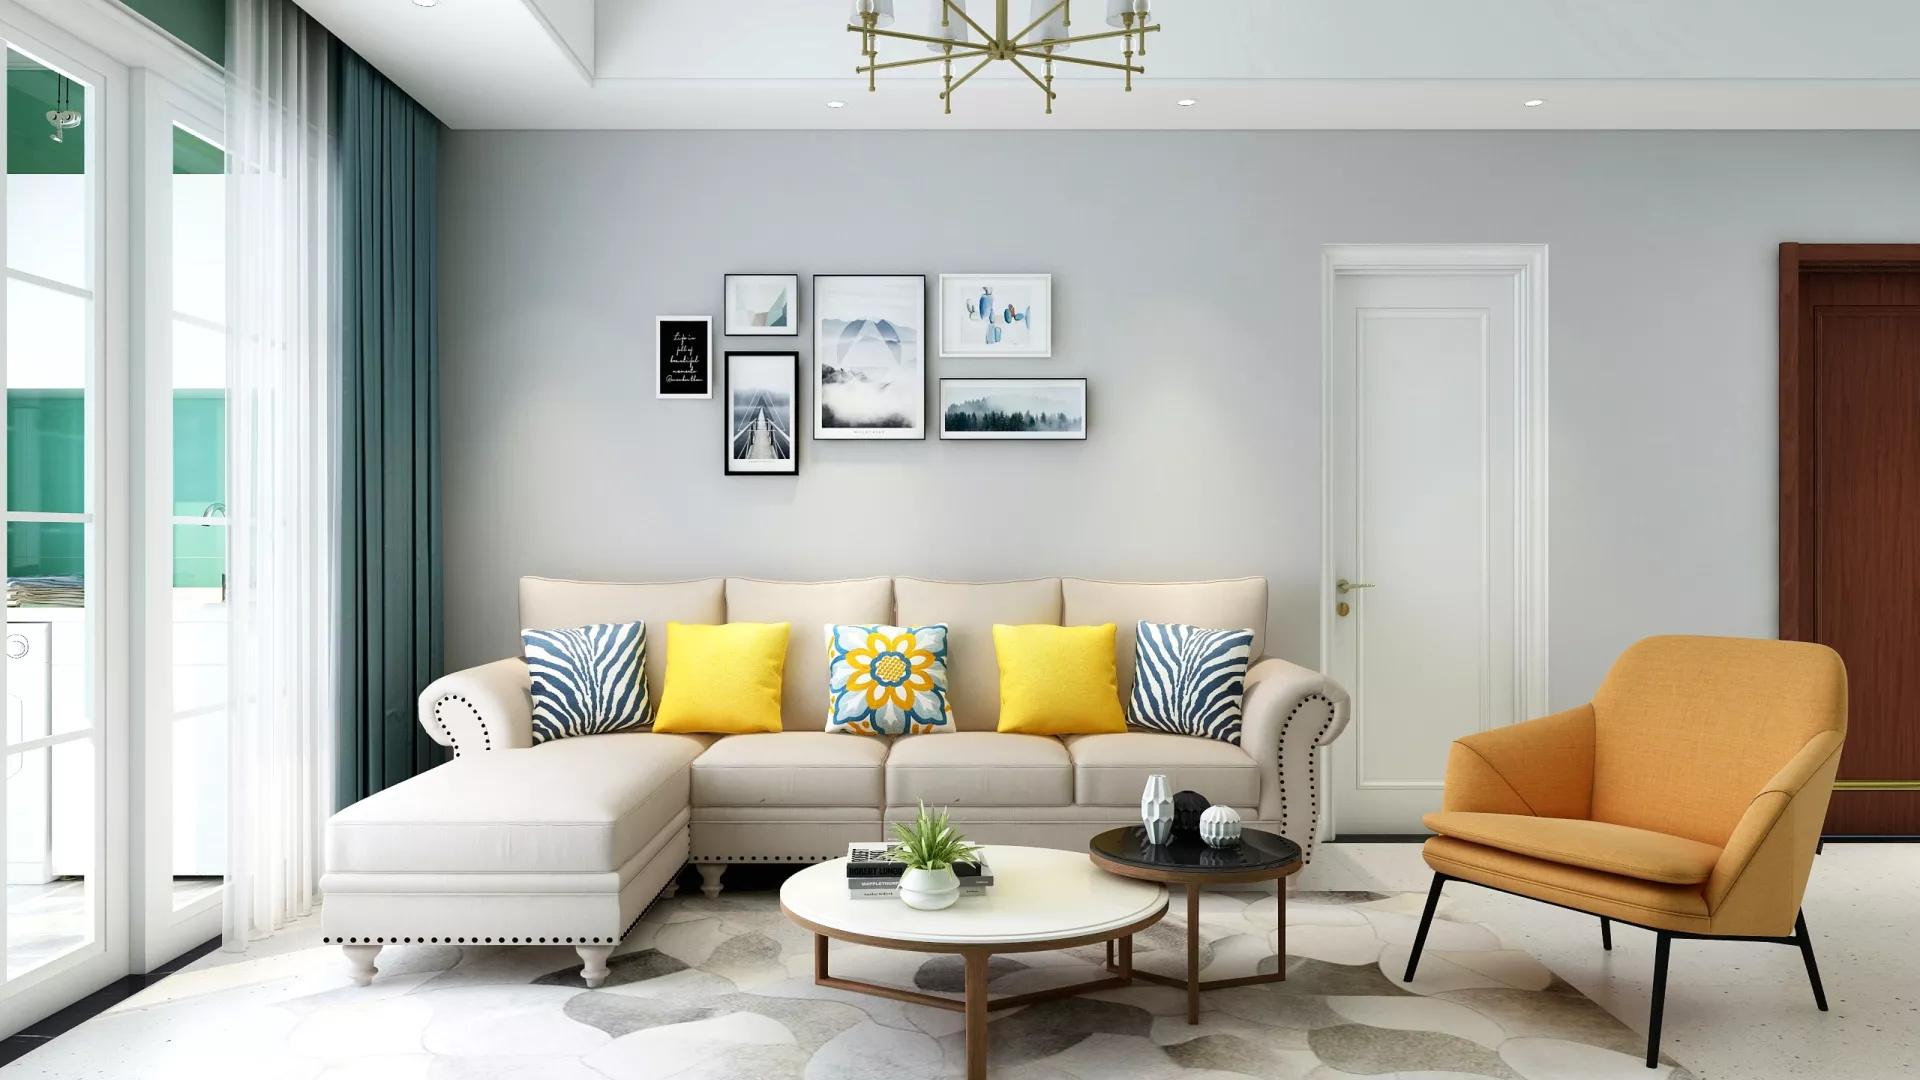 日式风格简洁小清新客厅装修效果图